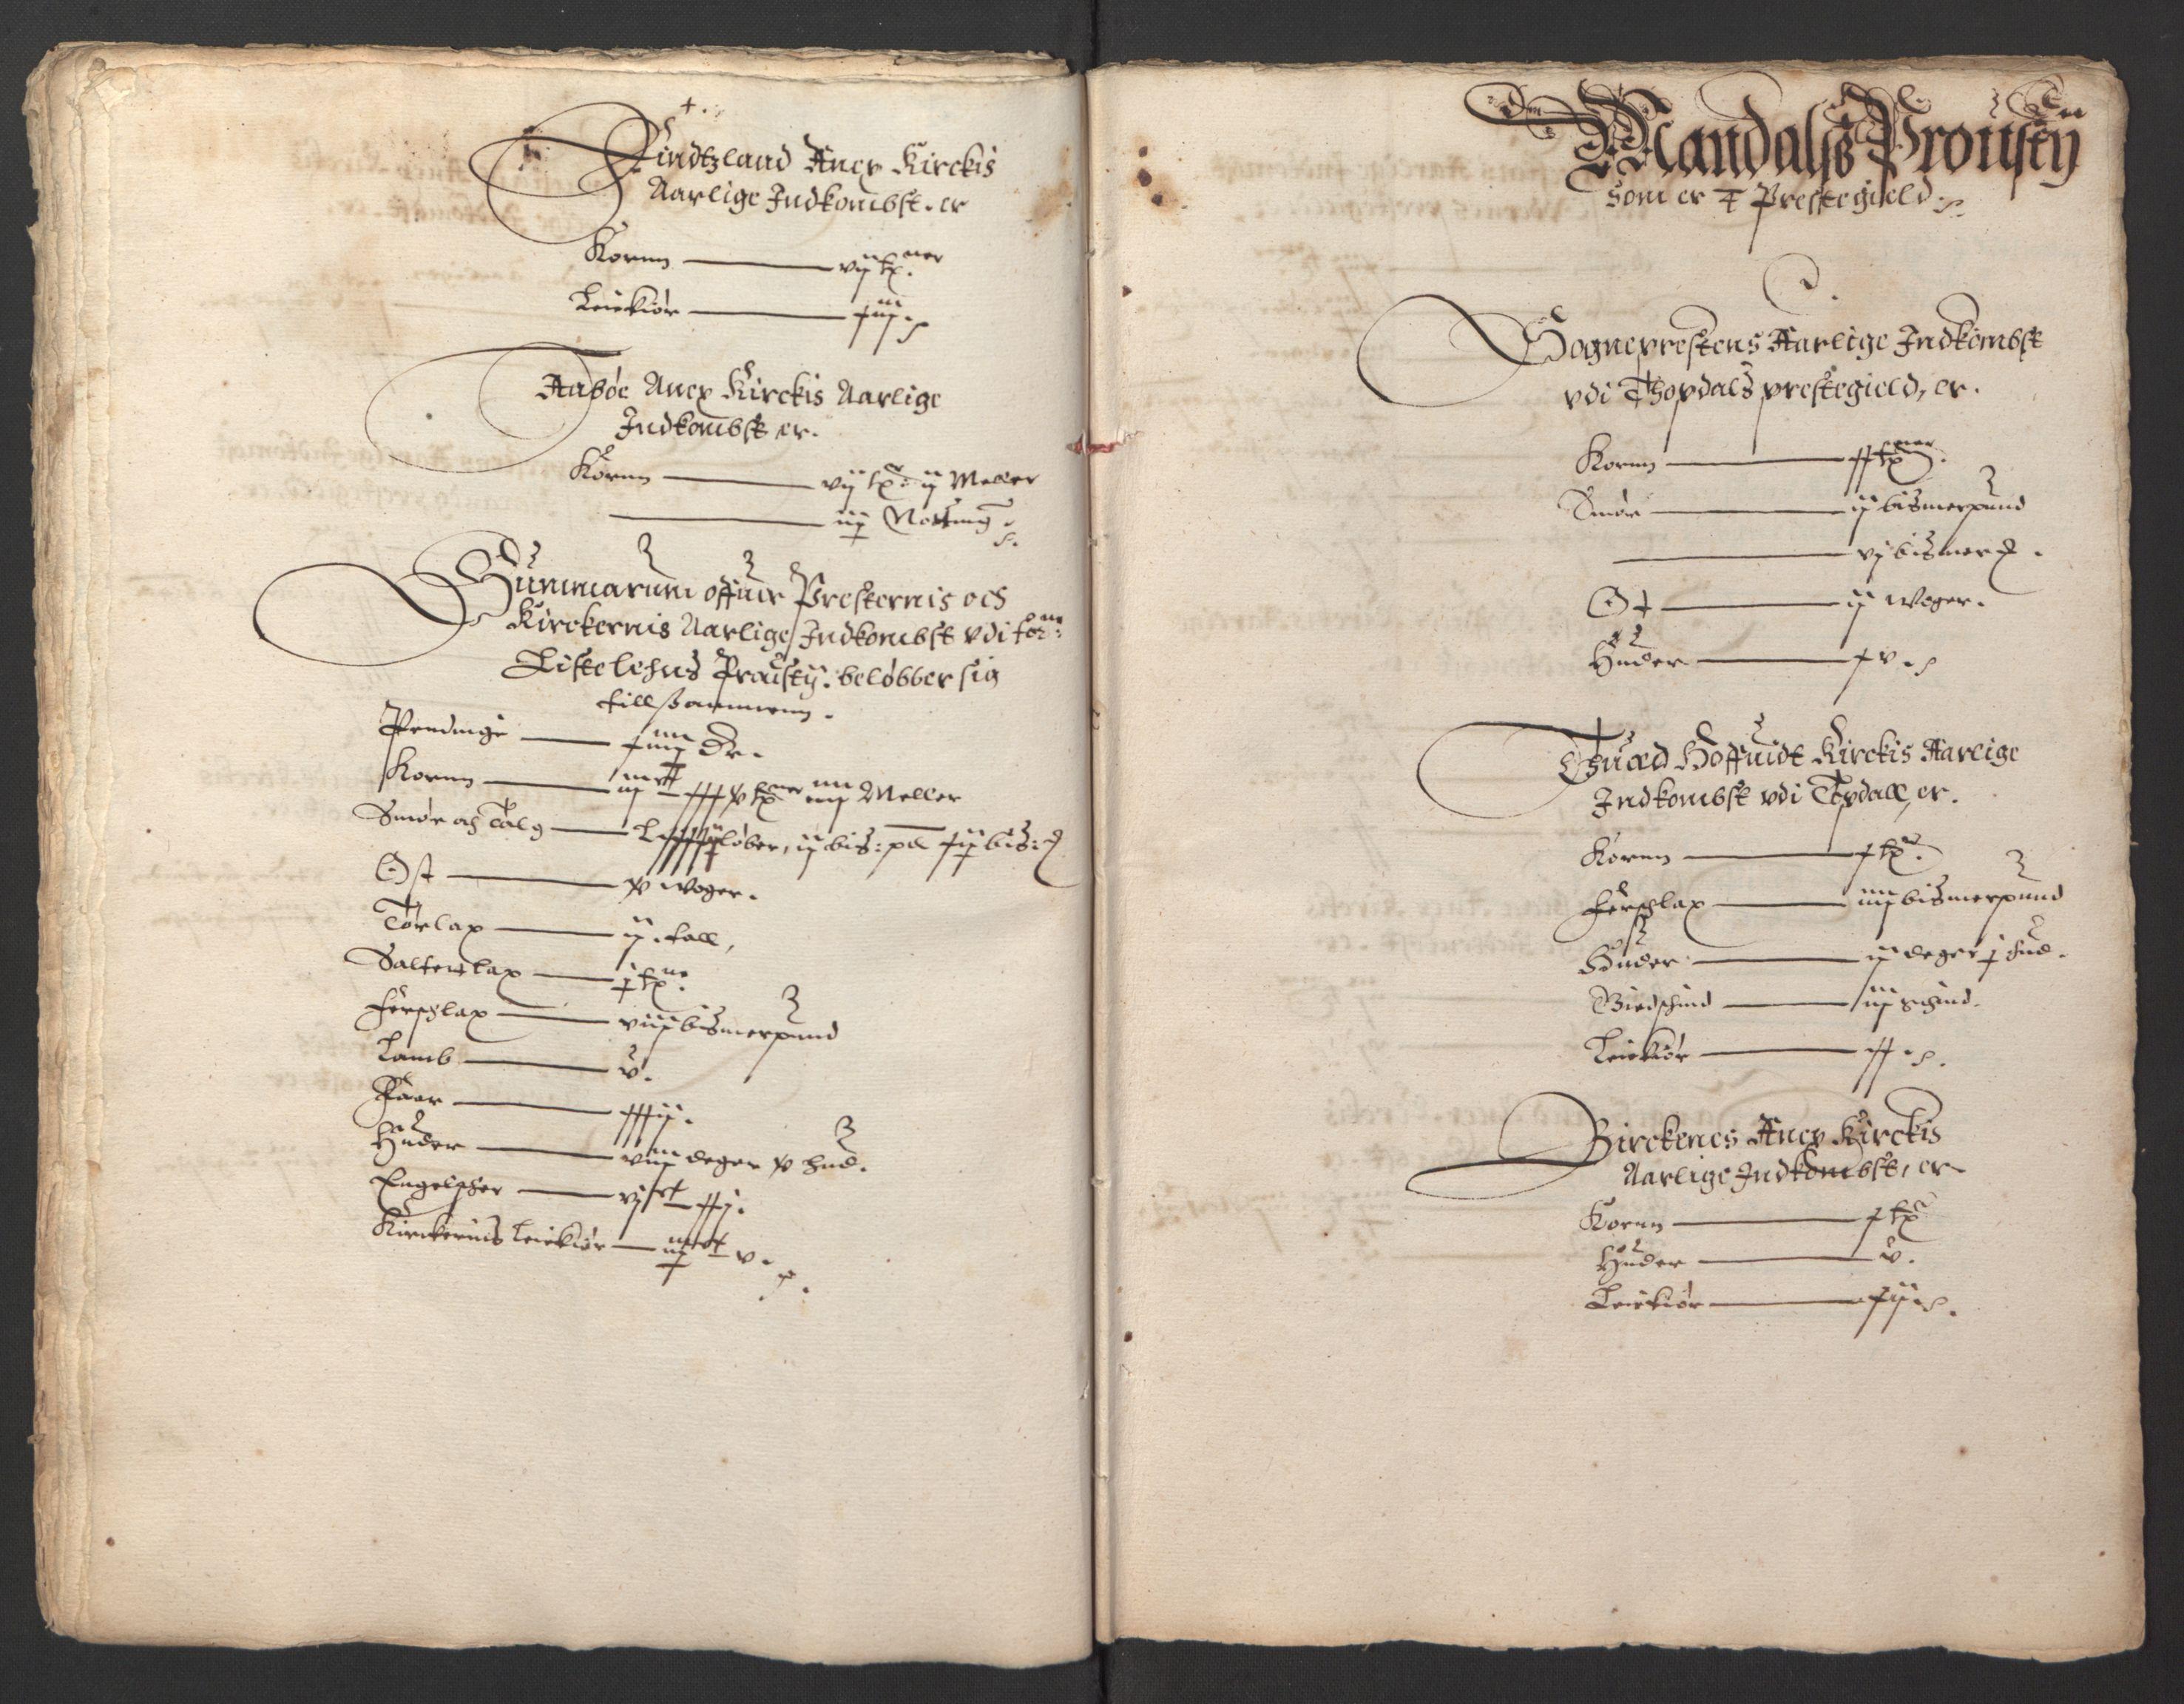 RA, Stattholderembetet 1572-1771, Ek/L0014: Jordebøker til utlikning av rosstjeneste 1624-1626:, 1625, s. 24